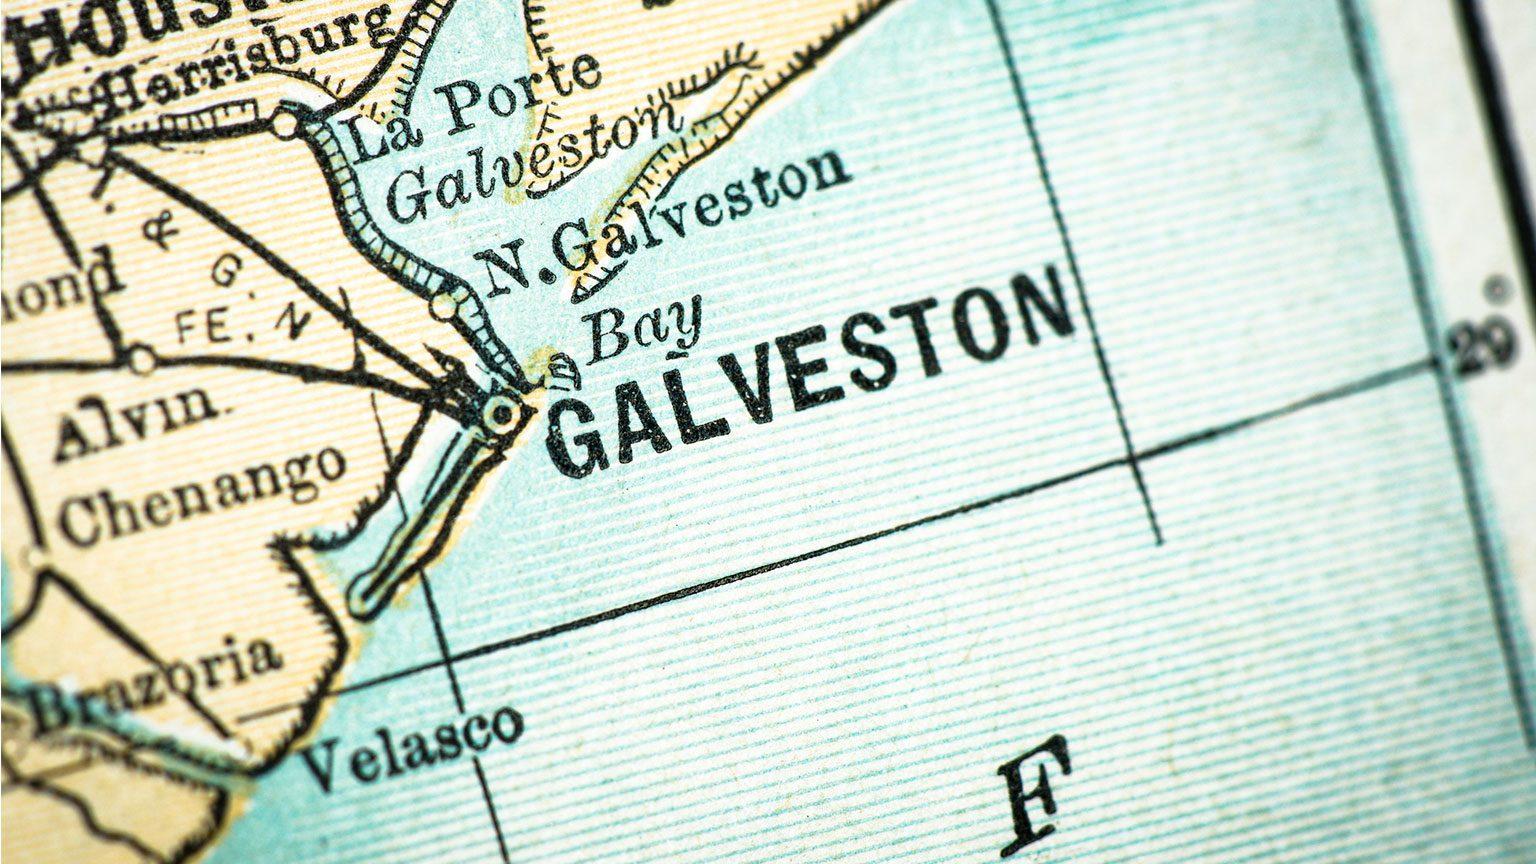 Map of Galveston, Texas